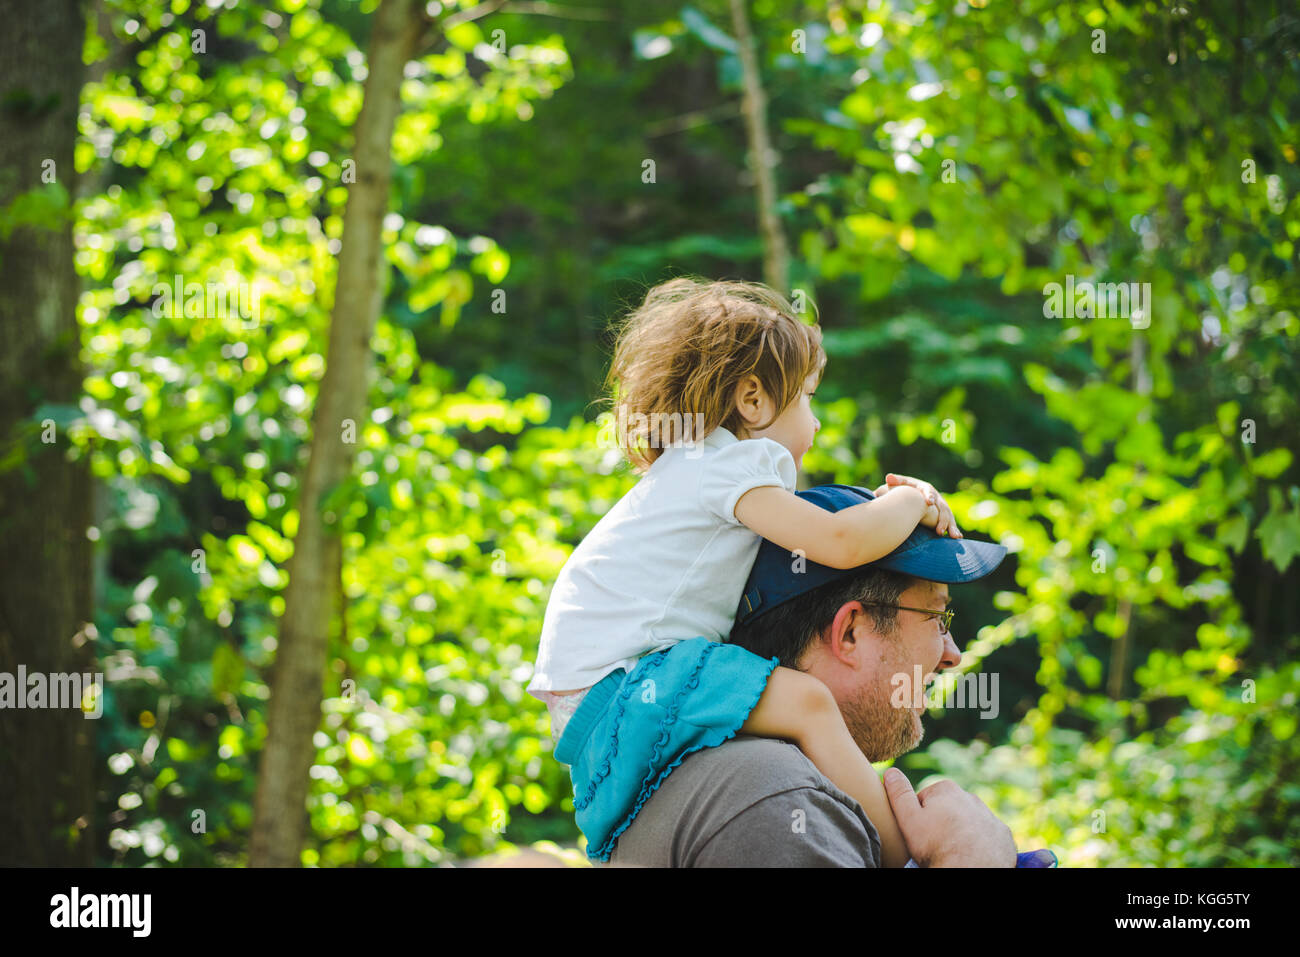 Un padre lleva a su hija sobre sus hombros Imagen De Stock